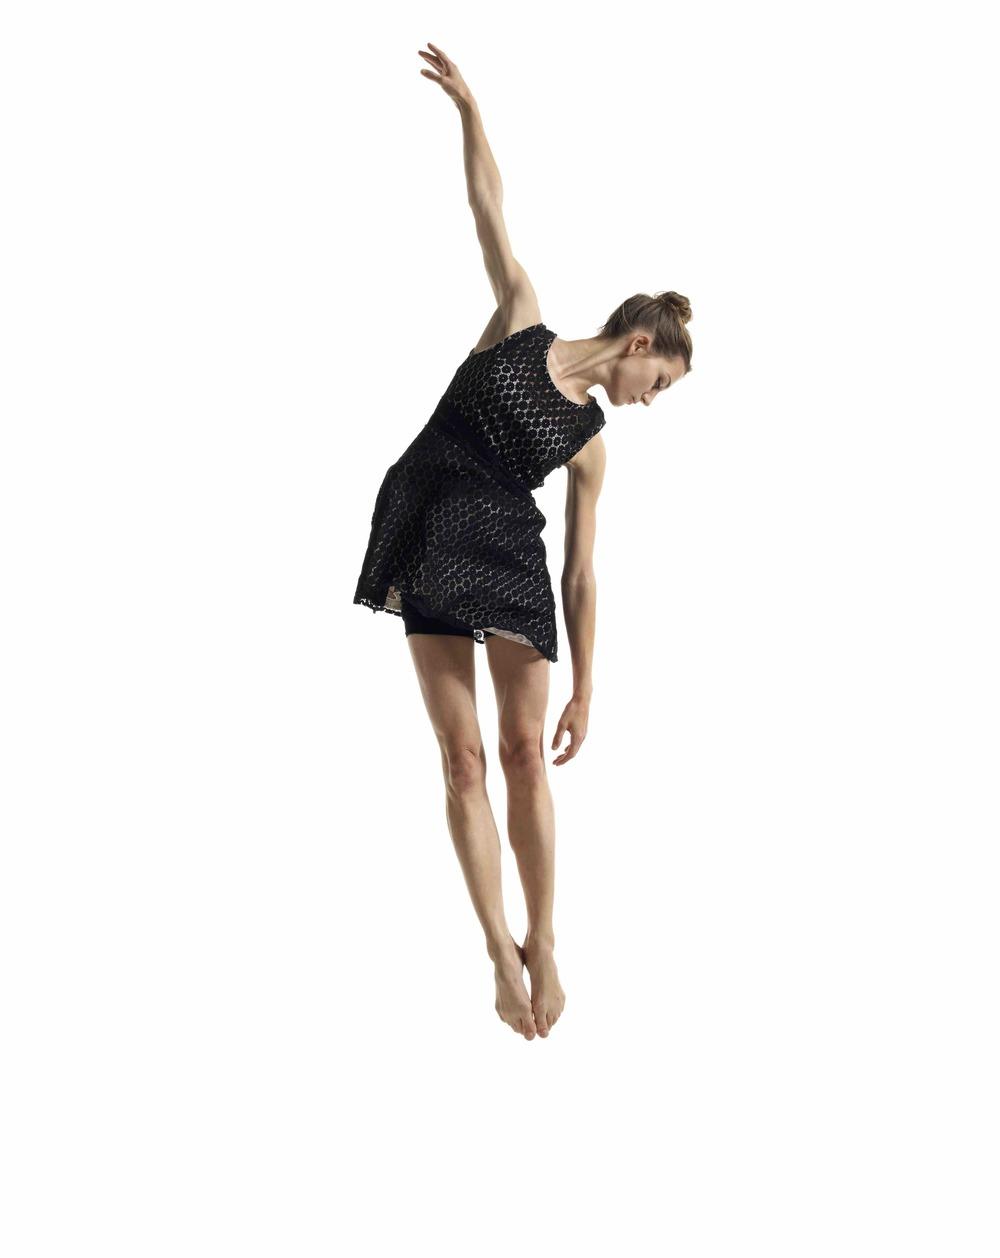 Soph jump.jpg